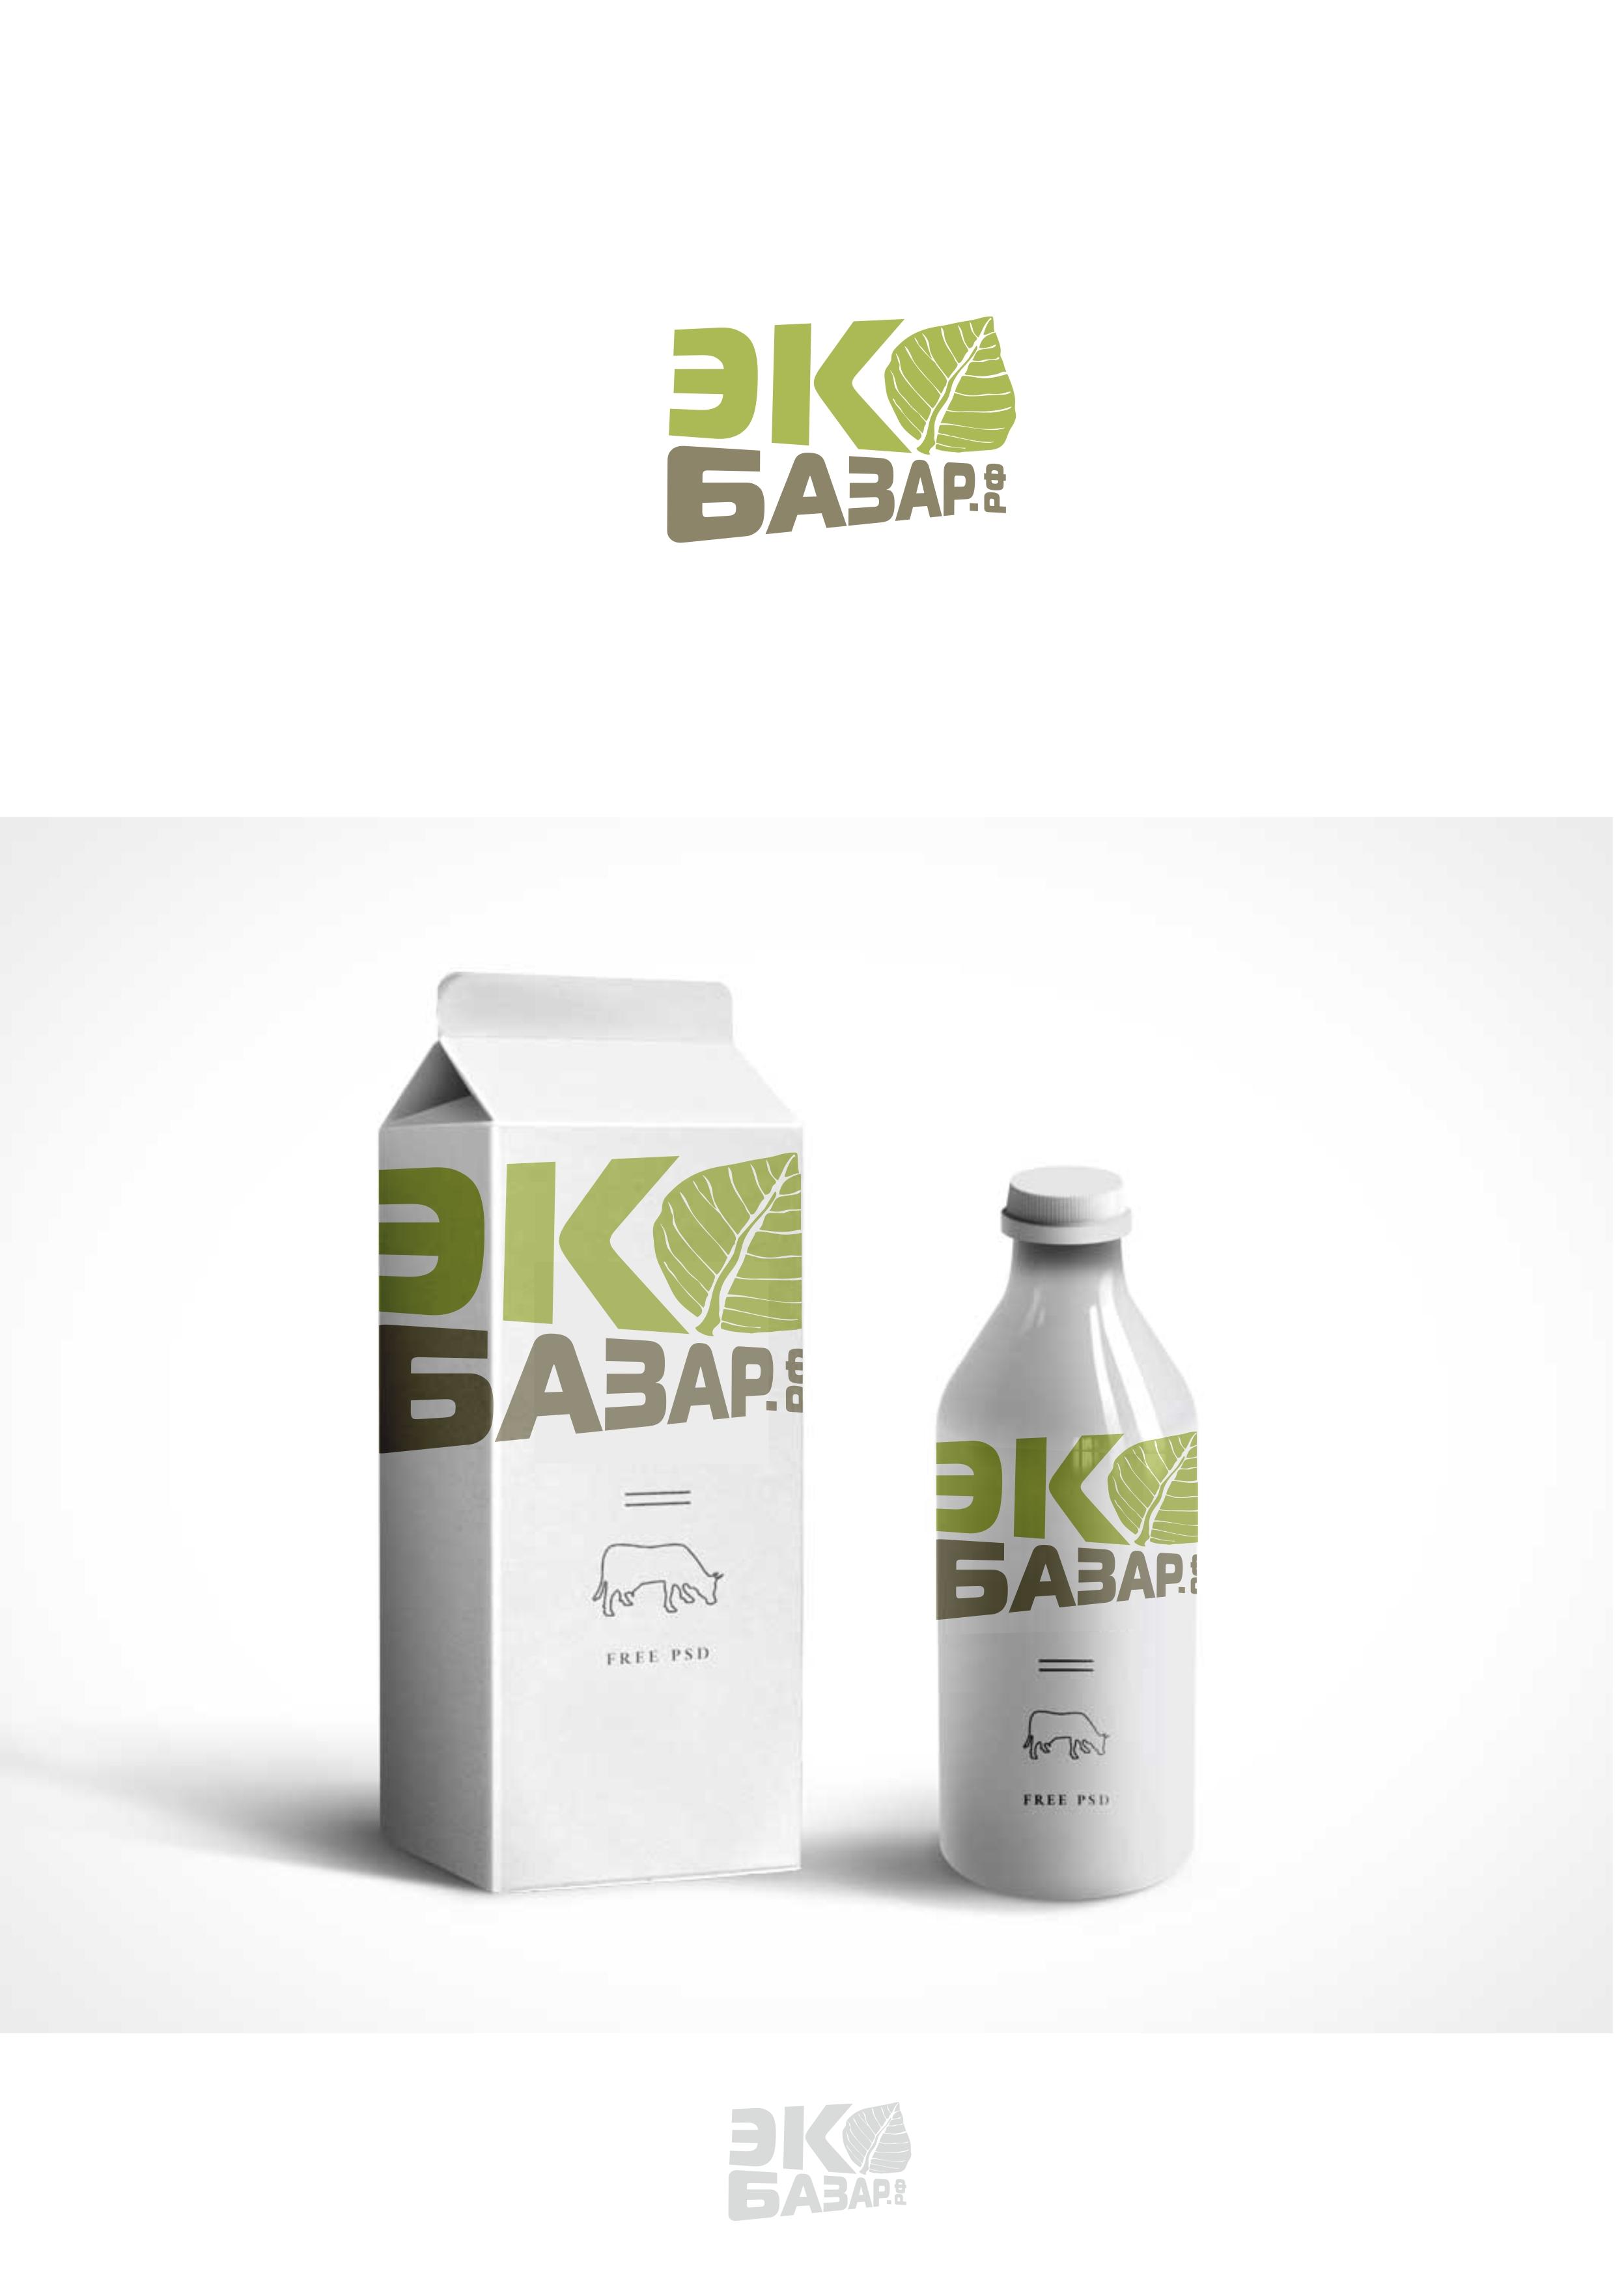 Логотип компании натуральных (фермерских) продуктов фото f_98459413921e2372.jpg